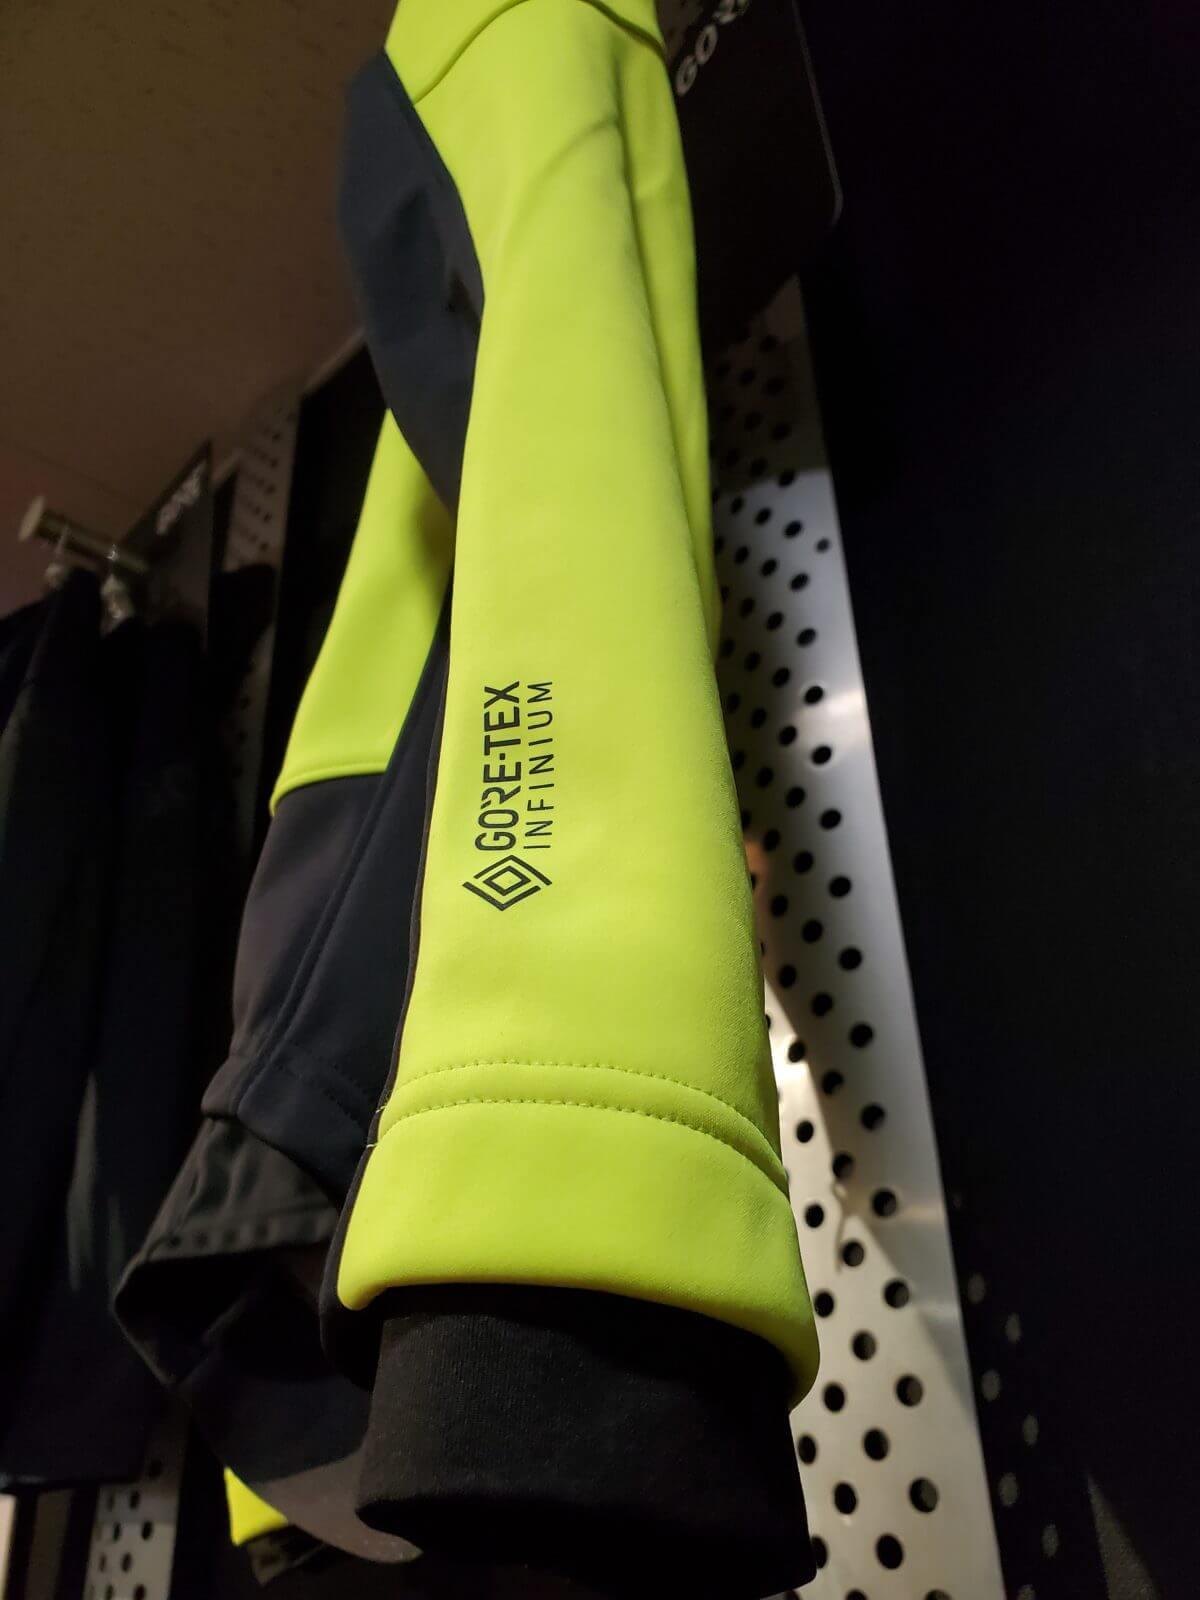 C3テックス インフィニアム™サーモ ジャケットの袖のGORE-TEX文字の画像